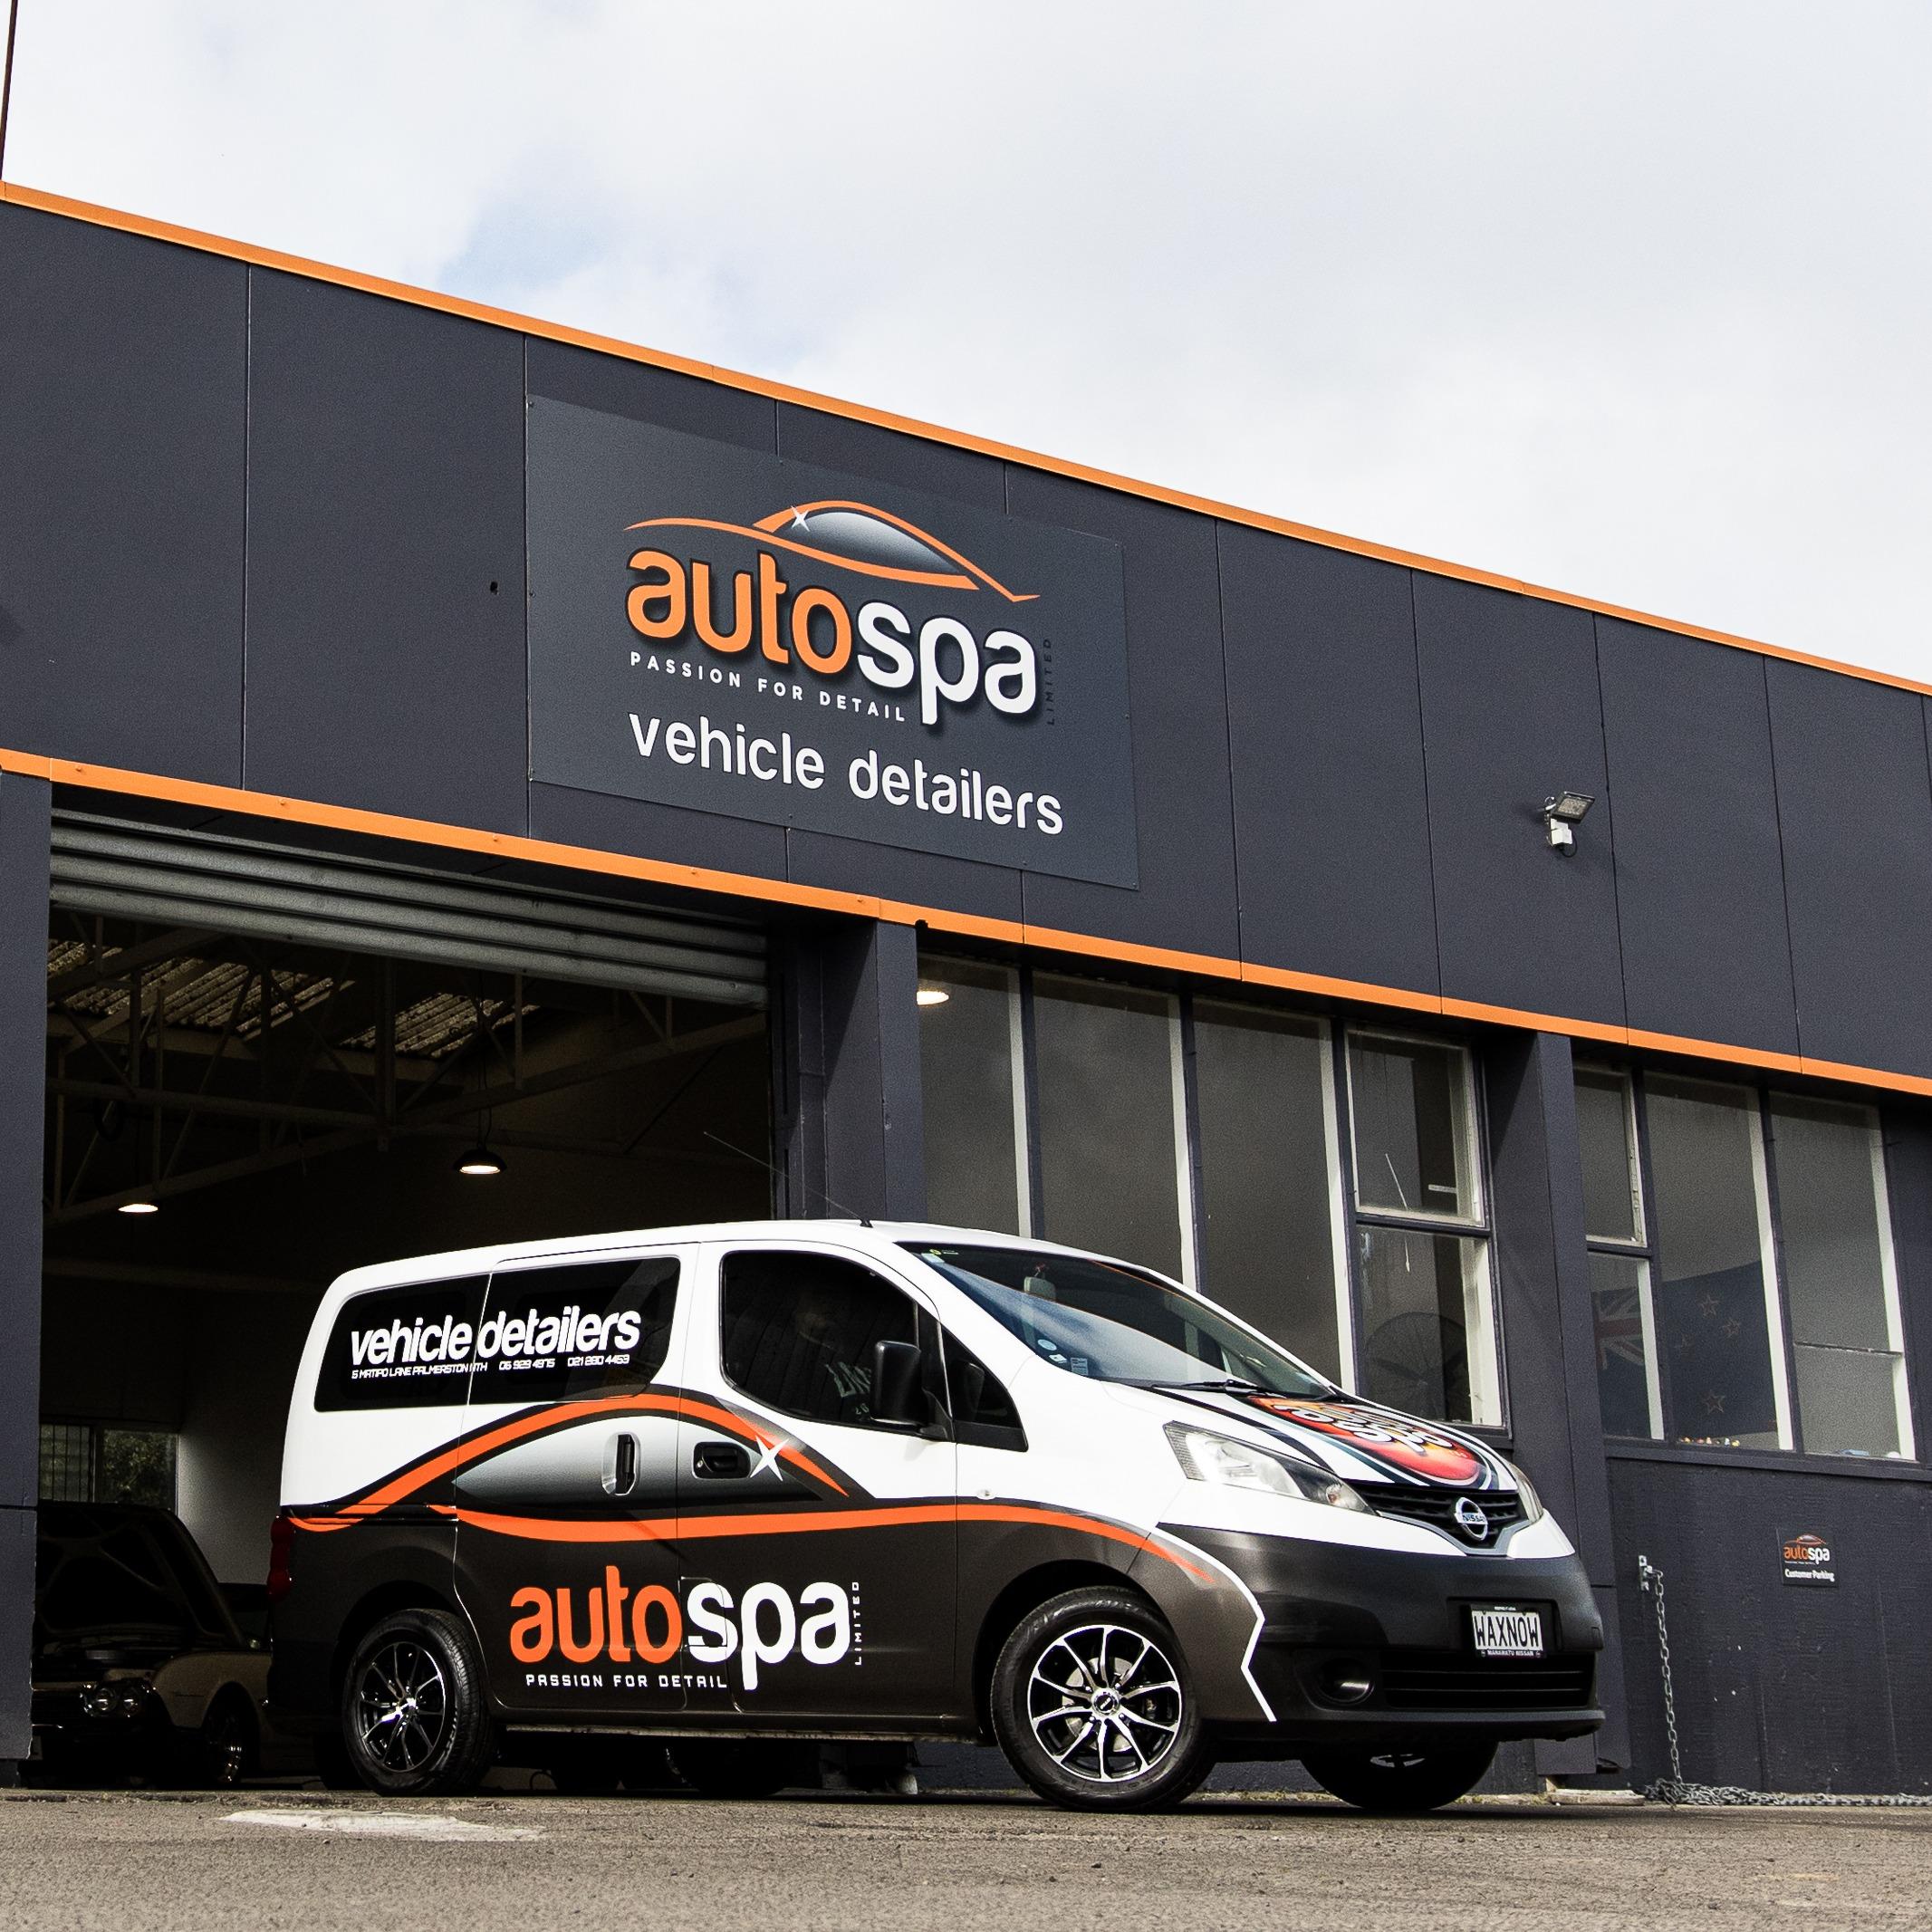 Autospa Limited